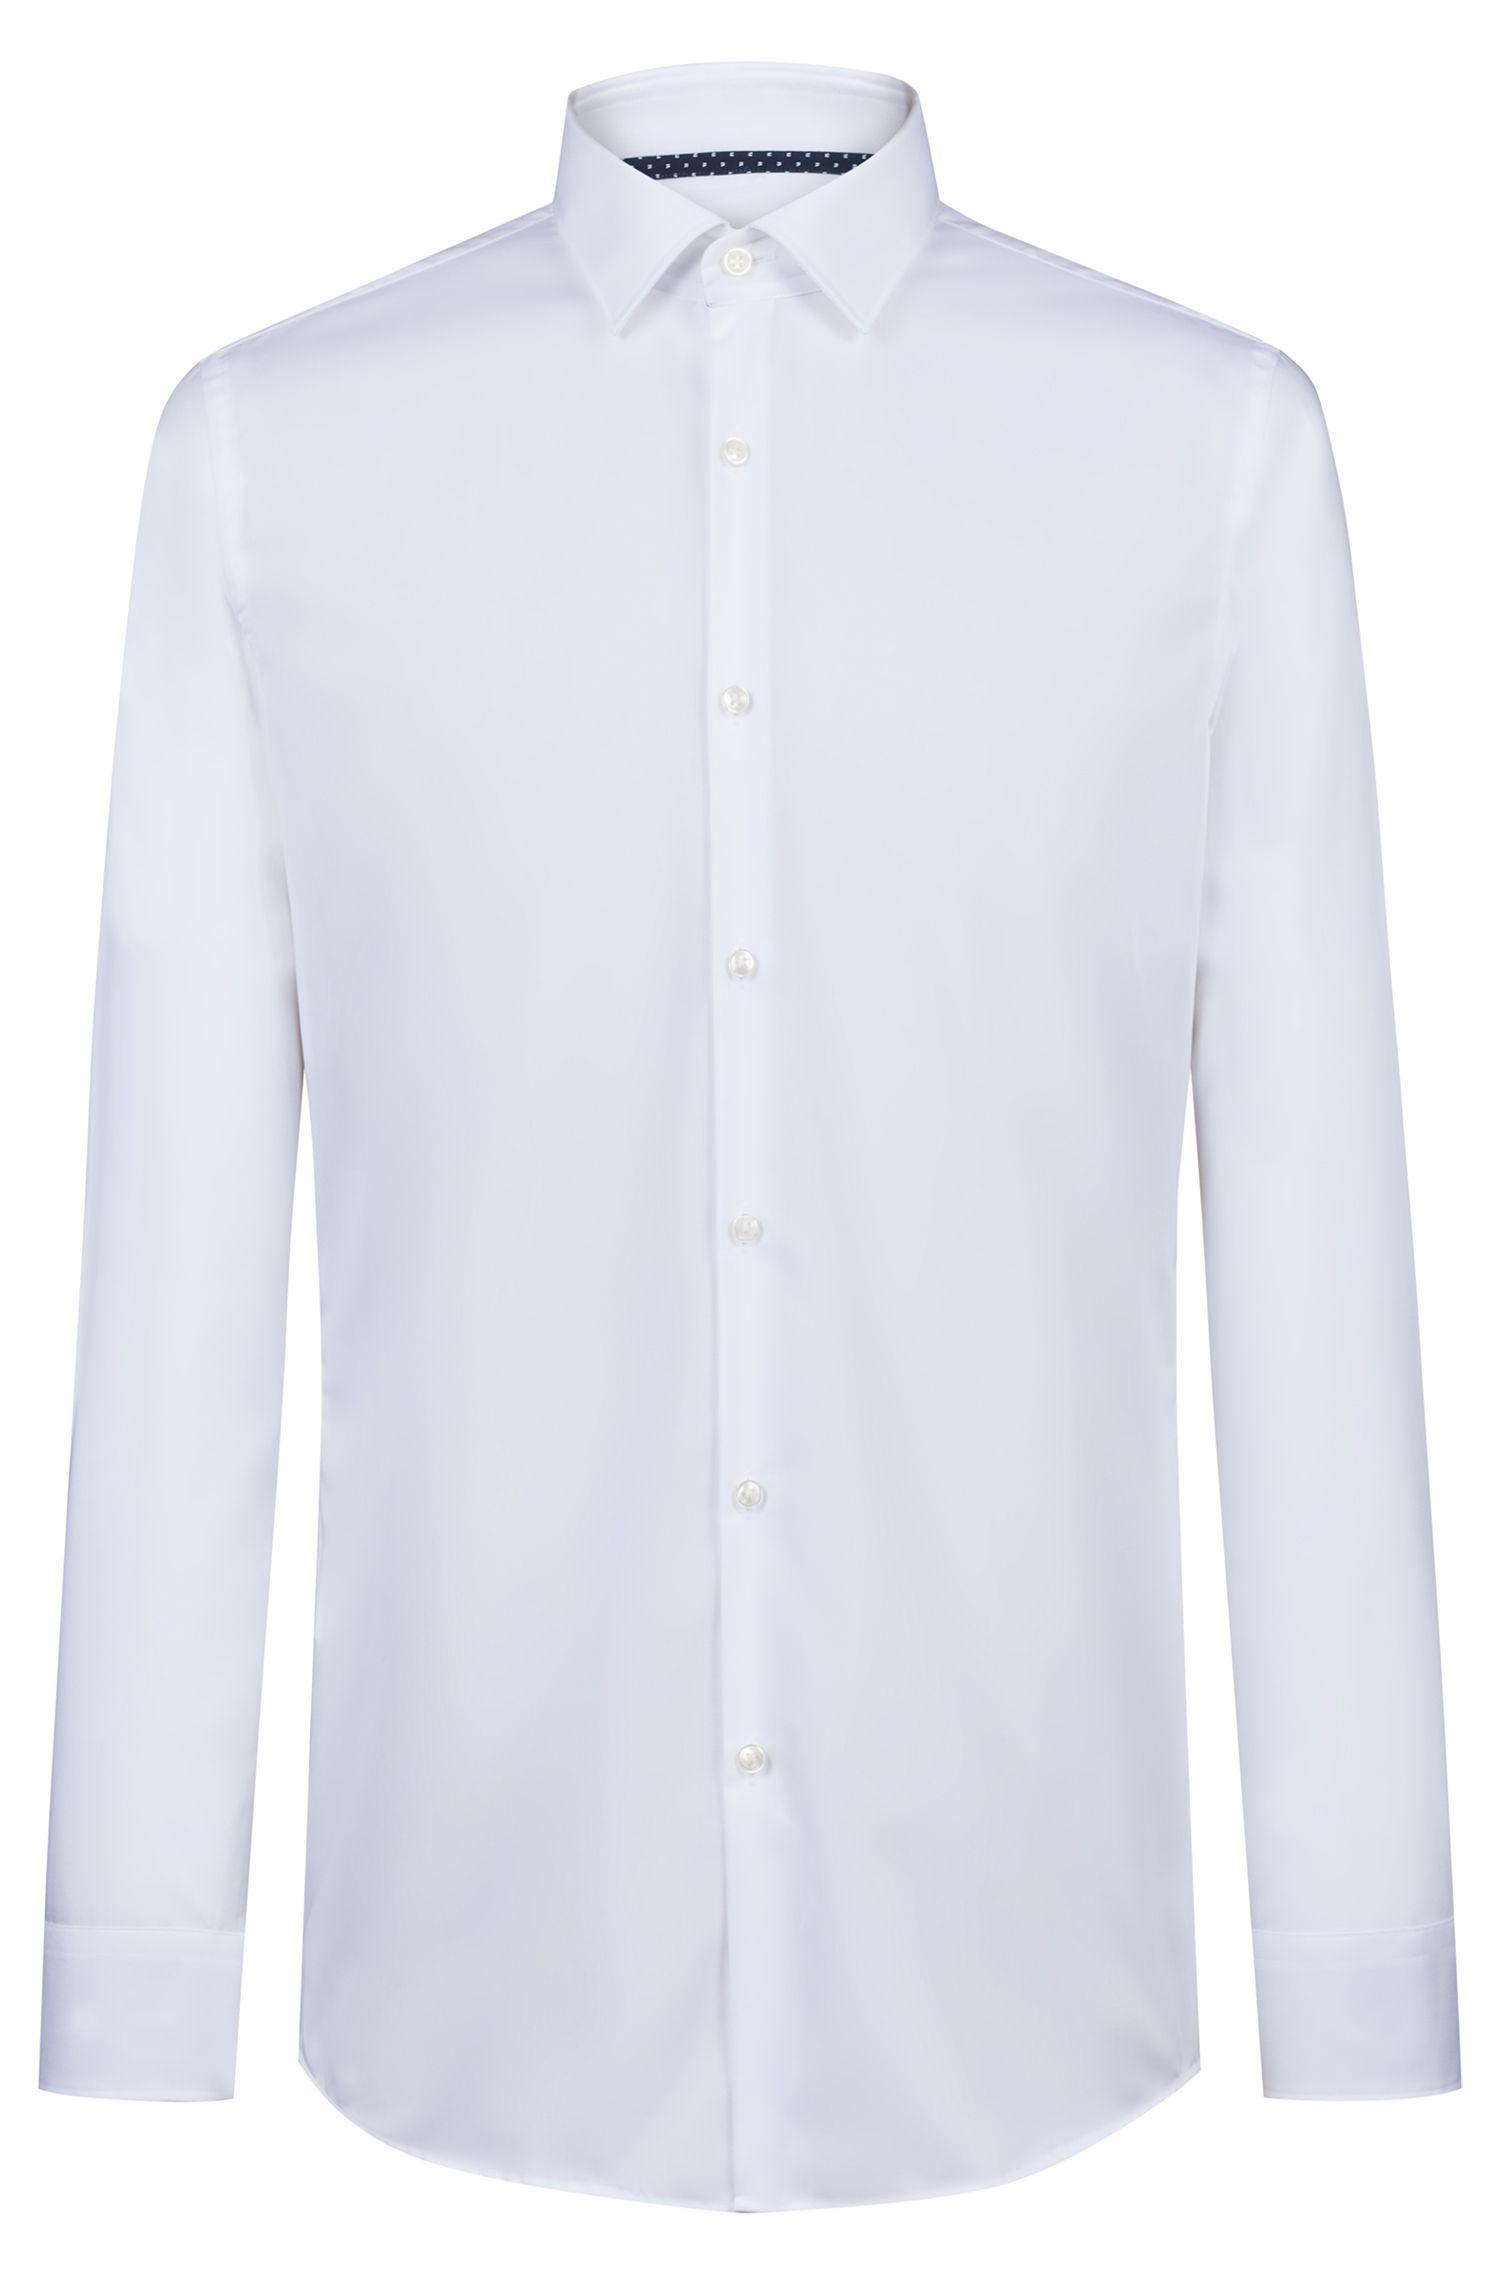 Slim-Fit Hemd aus Baumwoll-Popeline mit Kontrast-Details, Weiß